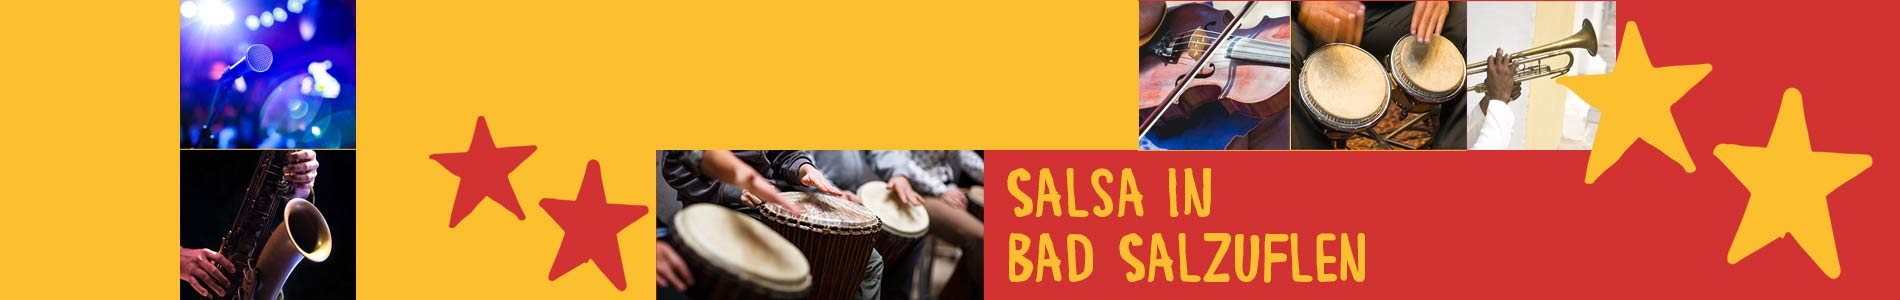 Salsa in Bad Salzuflen – Salsa lernen und tanzen, Tanzkurse, Partys, Veranstaltungen